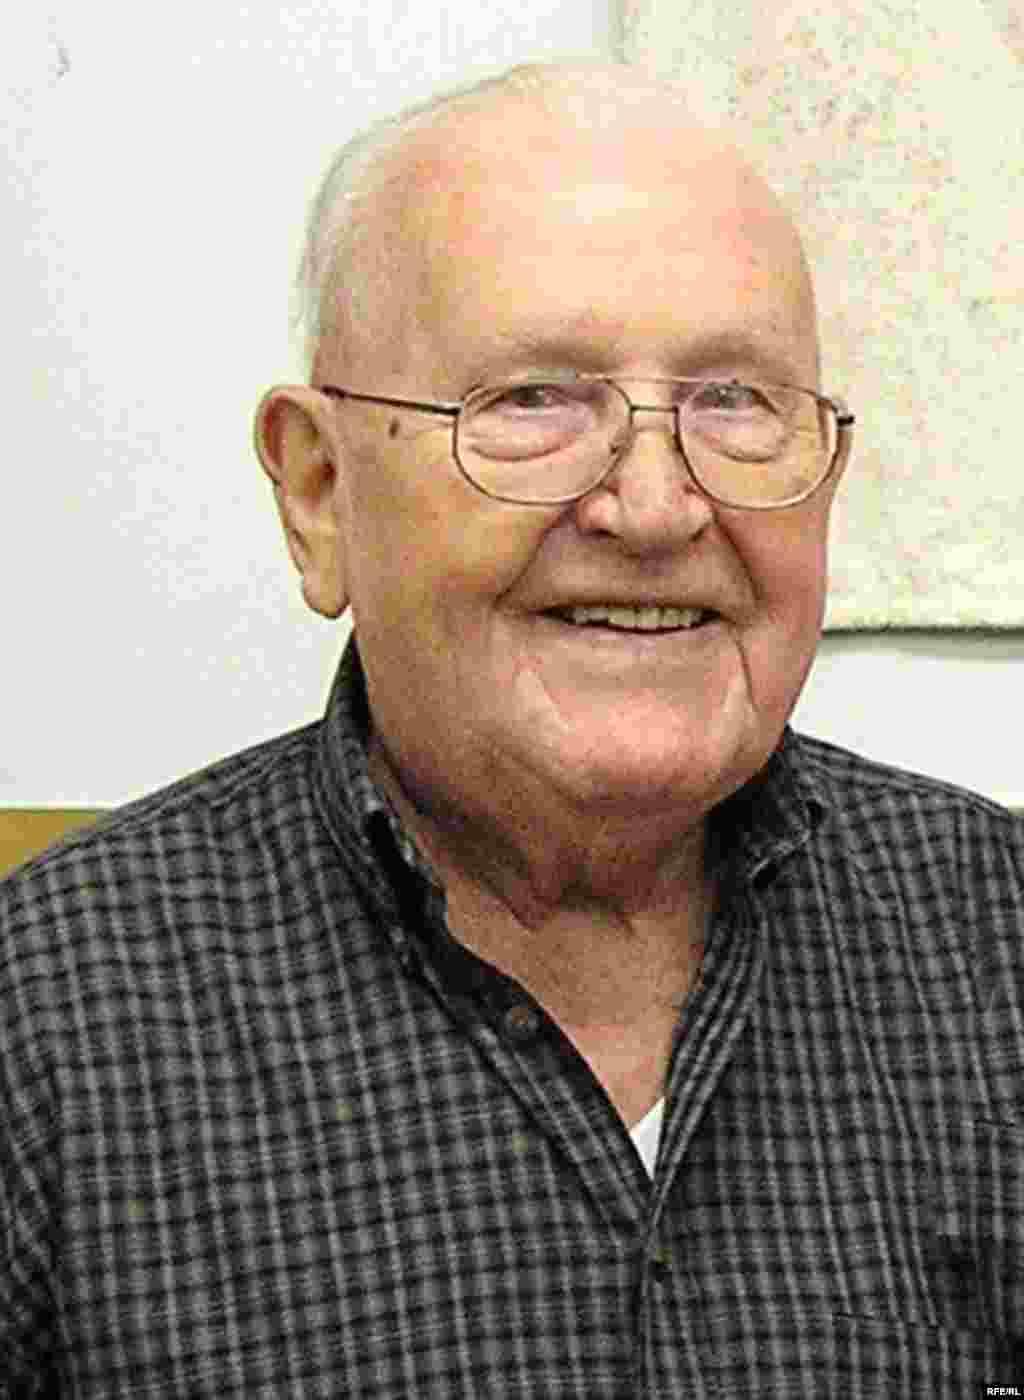 Ветеран войны Филипп Дюретт в конце 90-х годов.